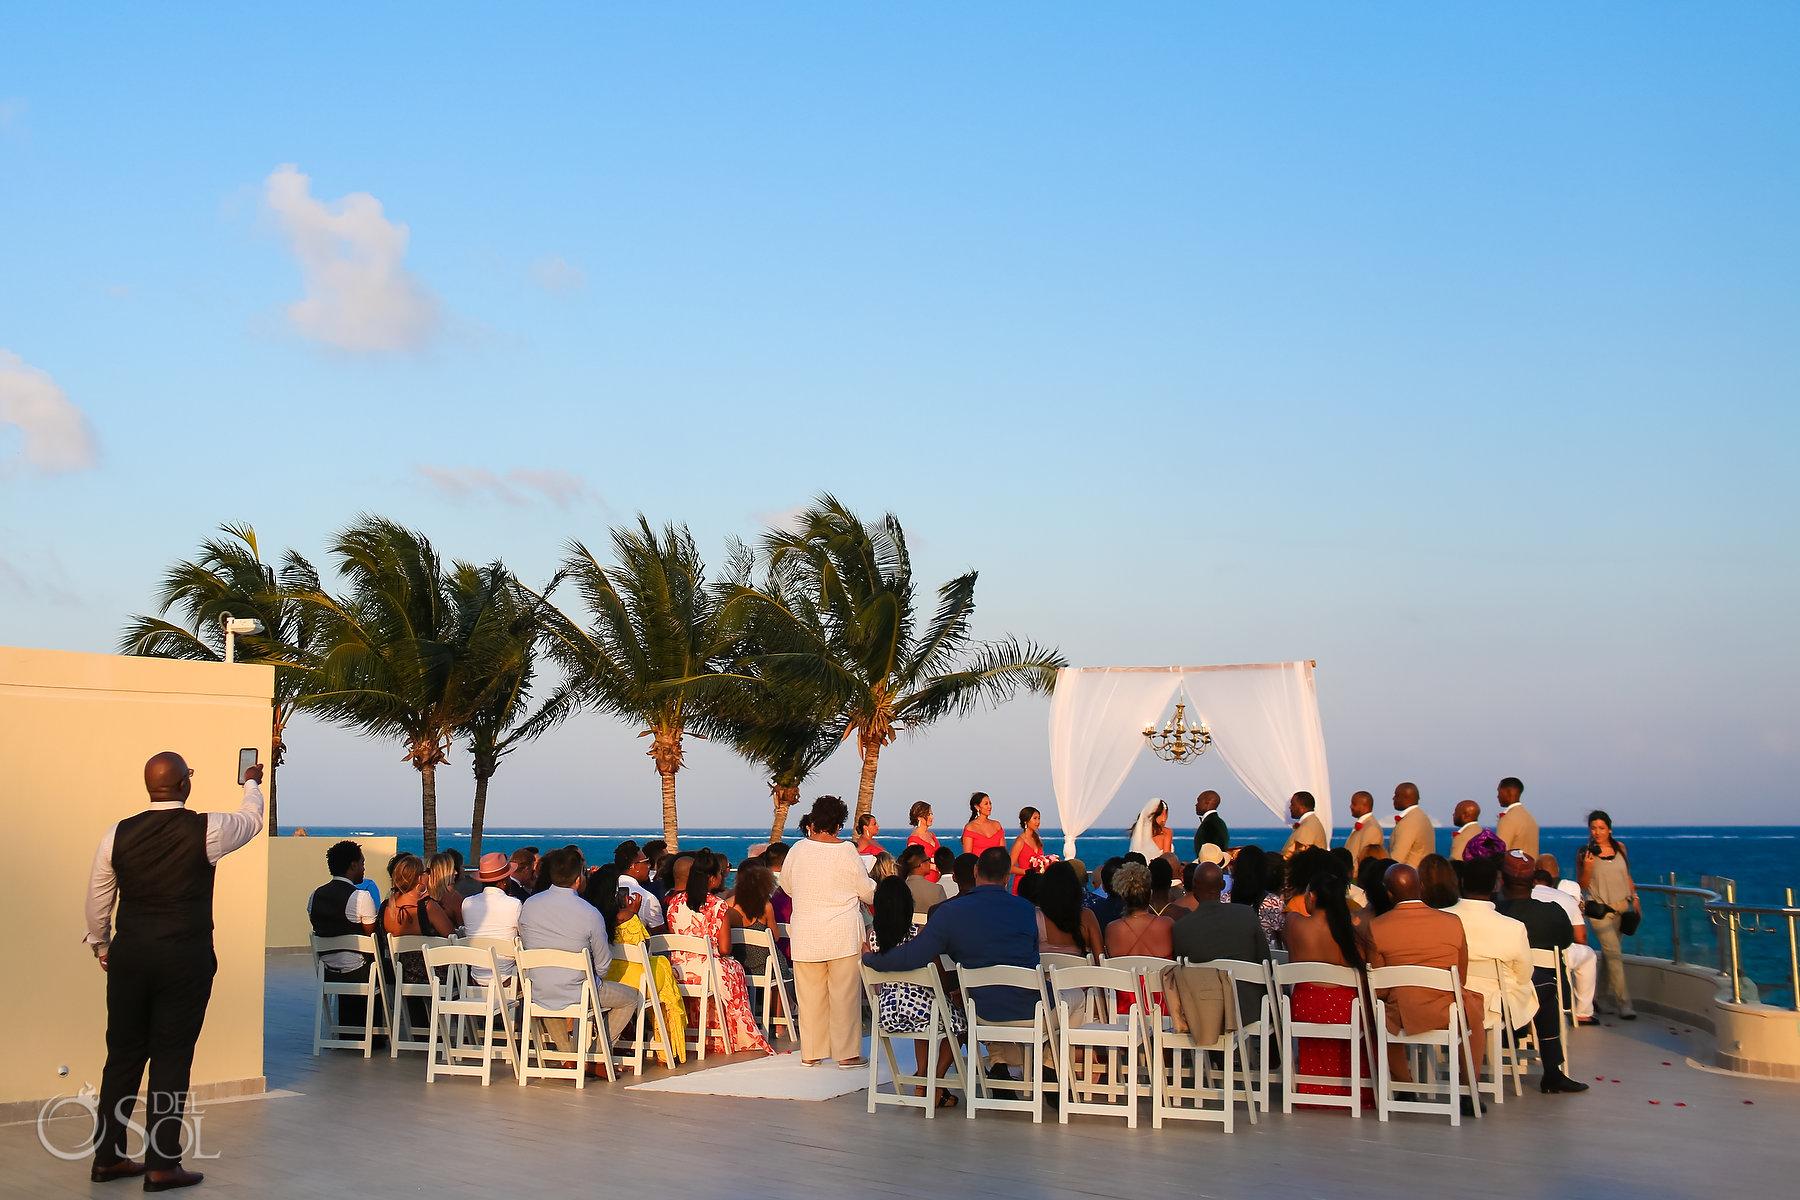 Dreams Riviera Cancun Oceana Rooftop Wedding Ceremony venue photo